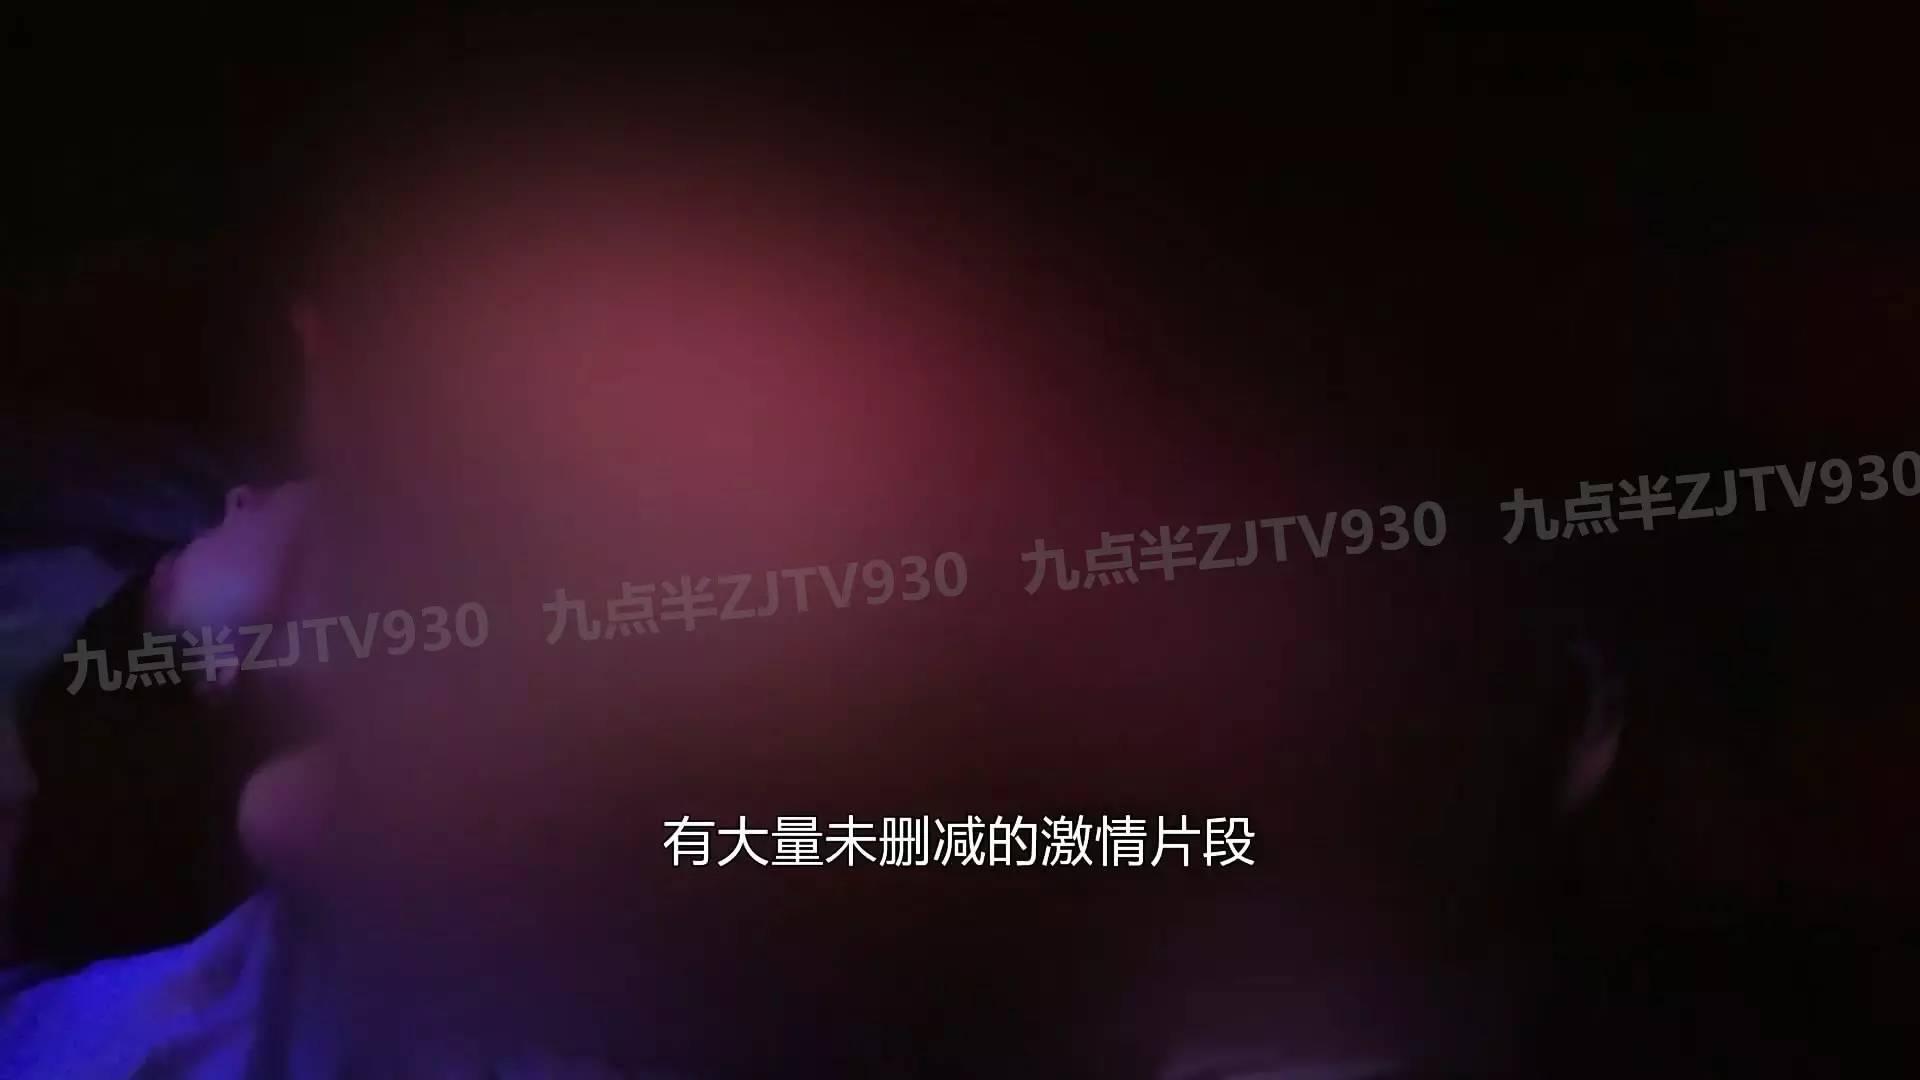 影院亲亲黄片网_杭州这几家影院太无底线 没有营业执照还公然放黄片!